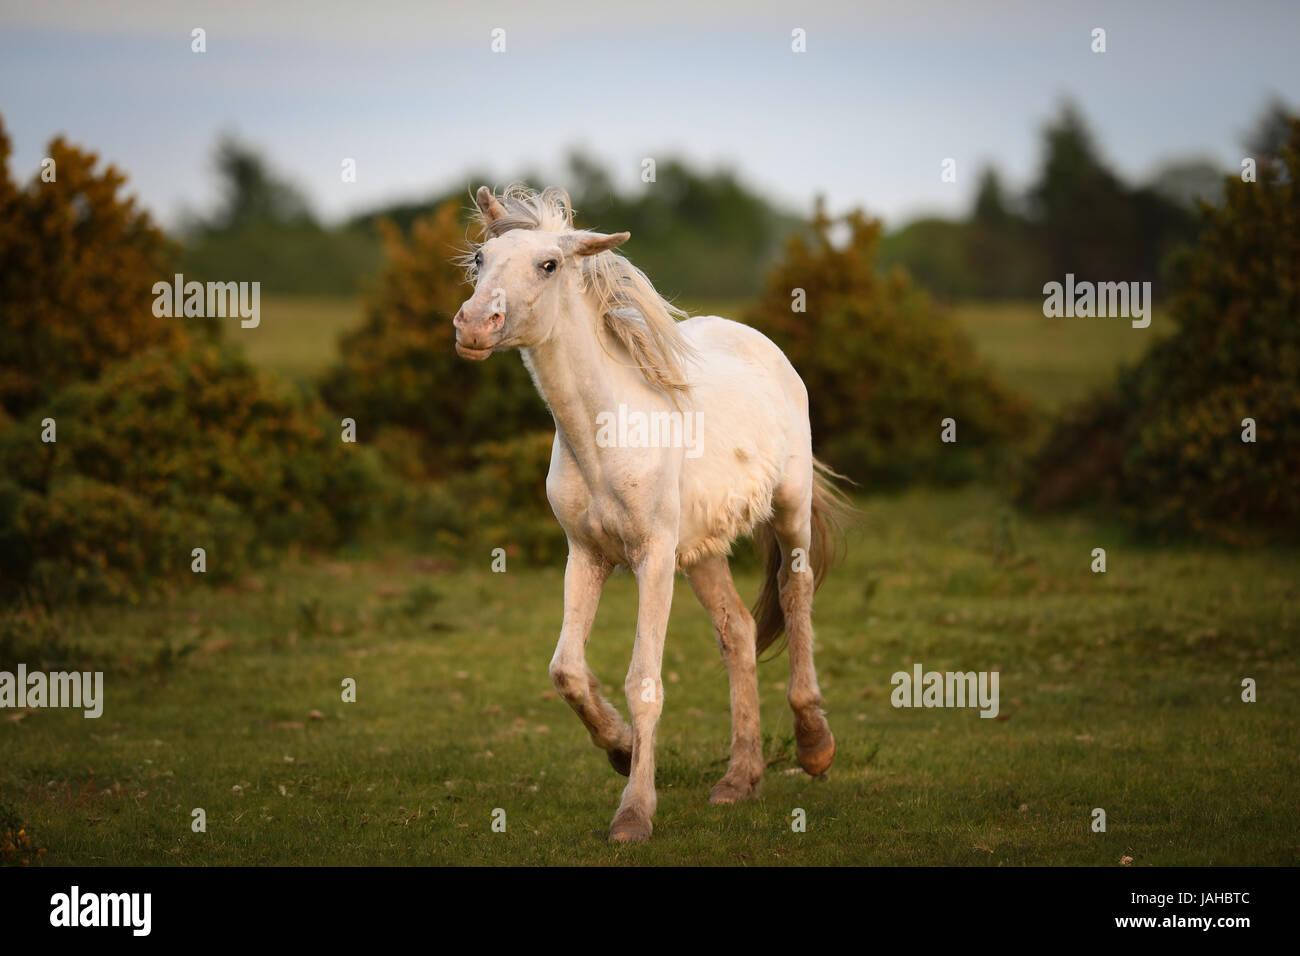 Nuevo bosque salvaje ponis galopar a través de tojo arbustos Foto de stock